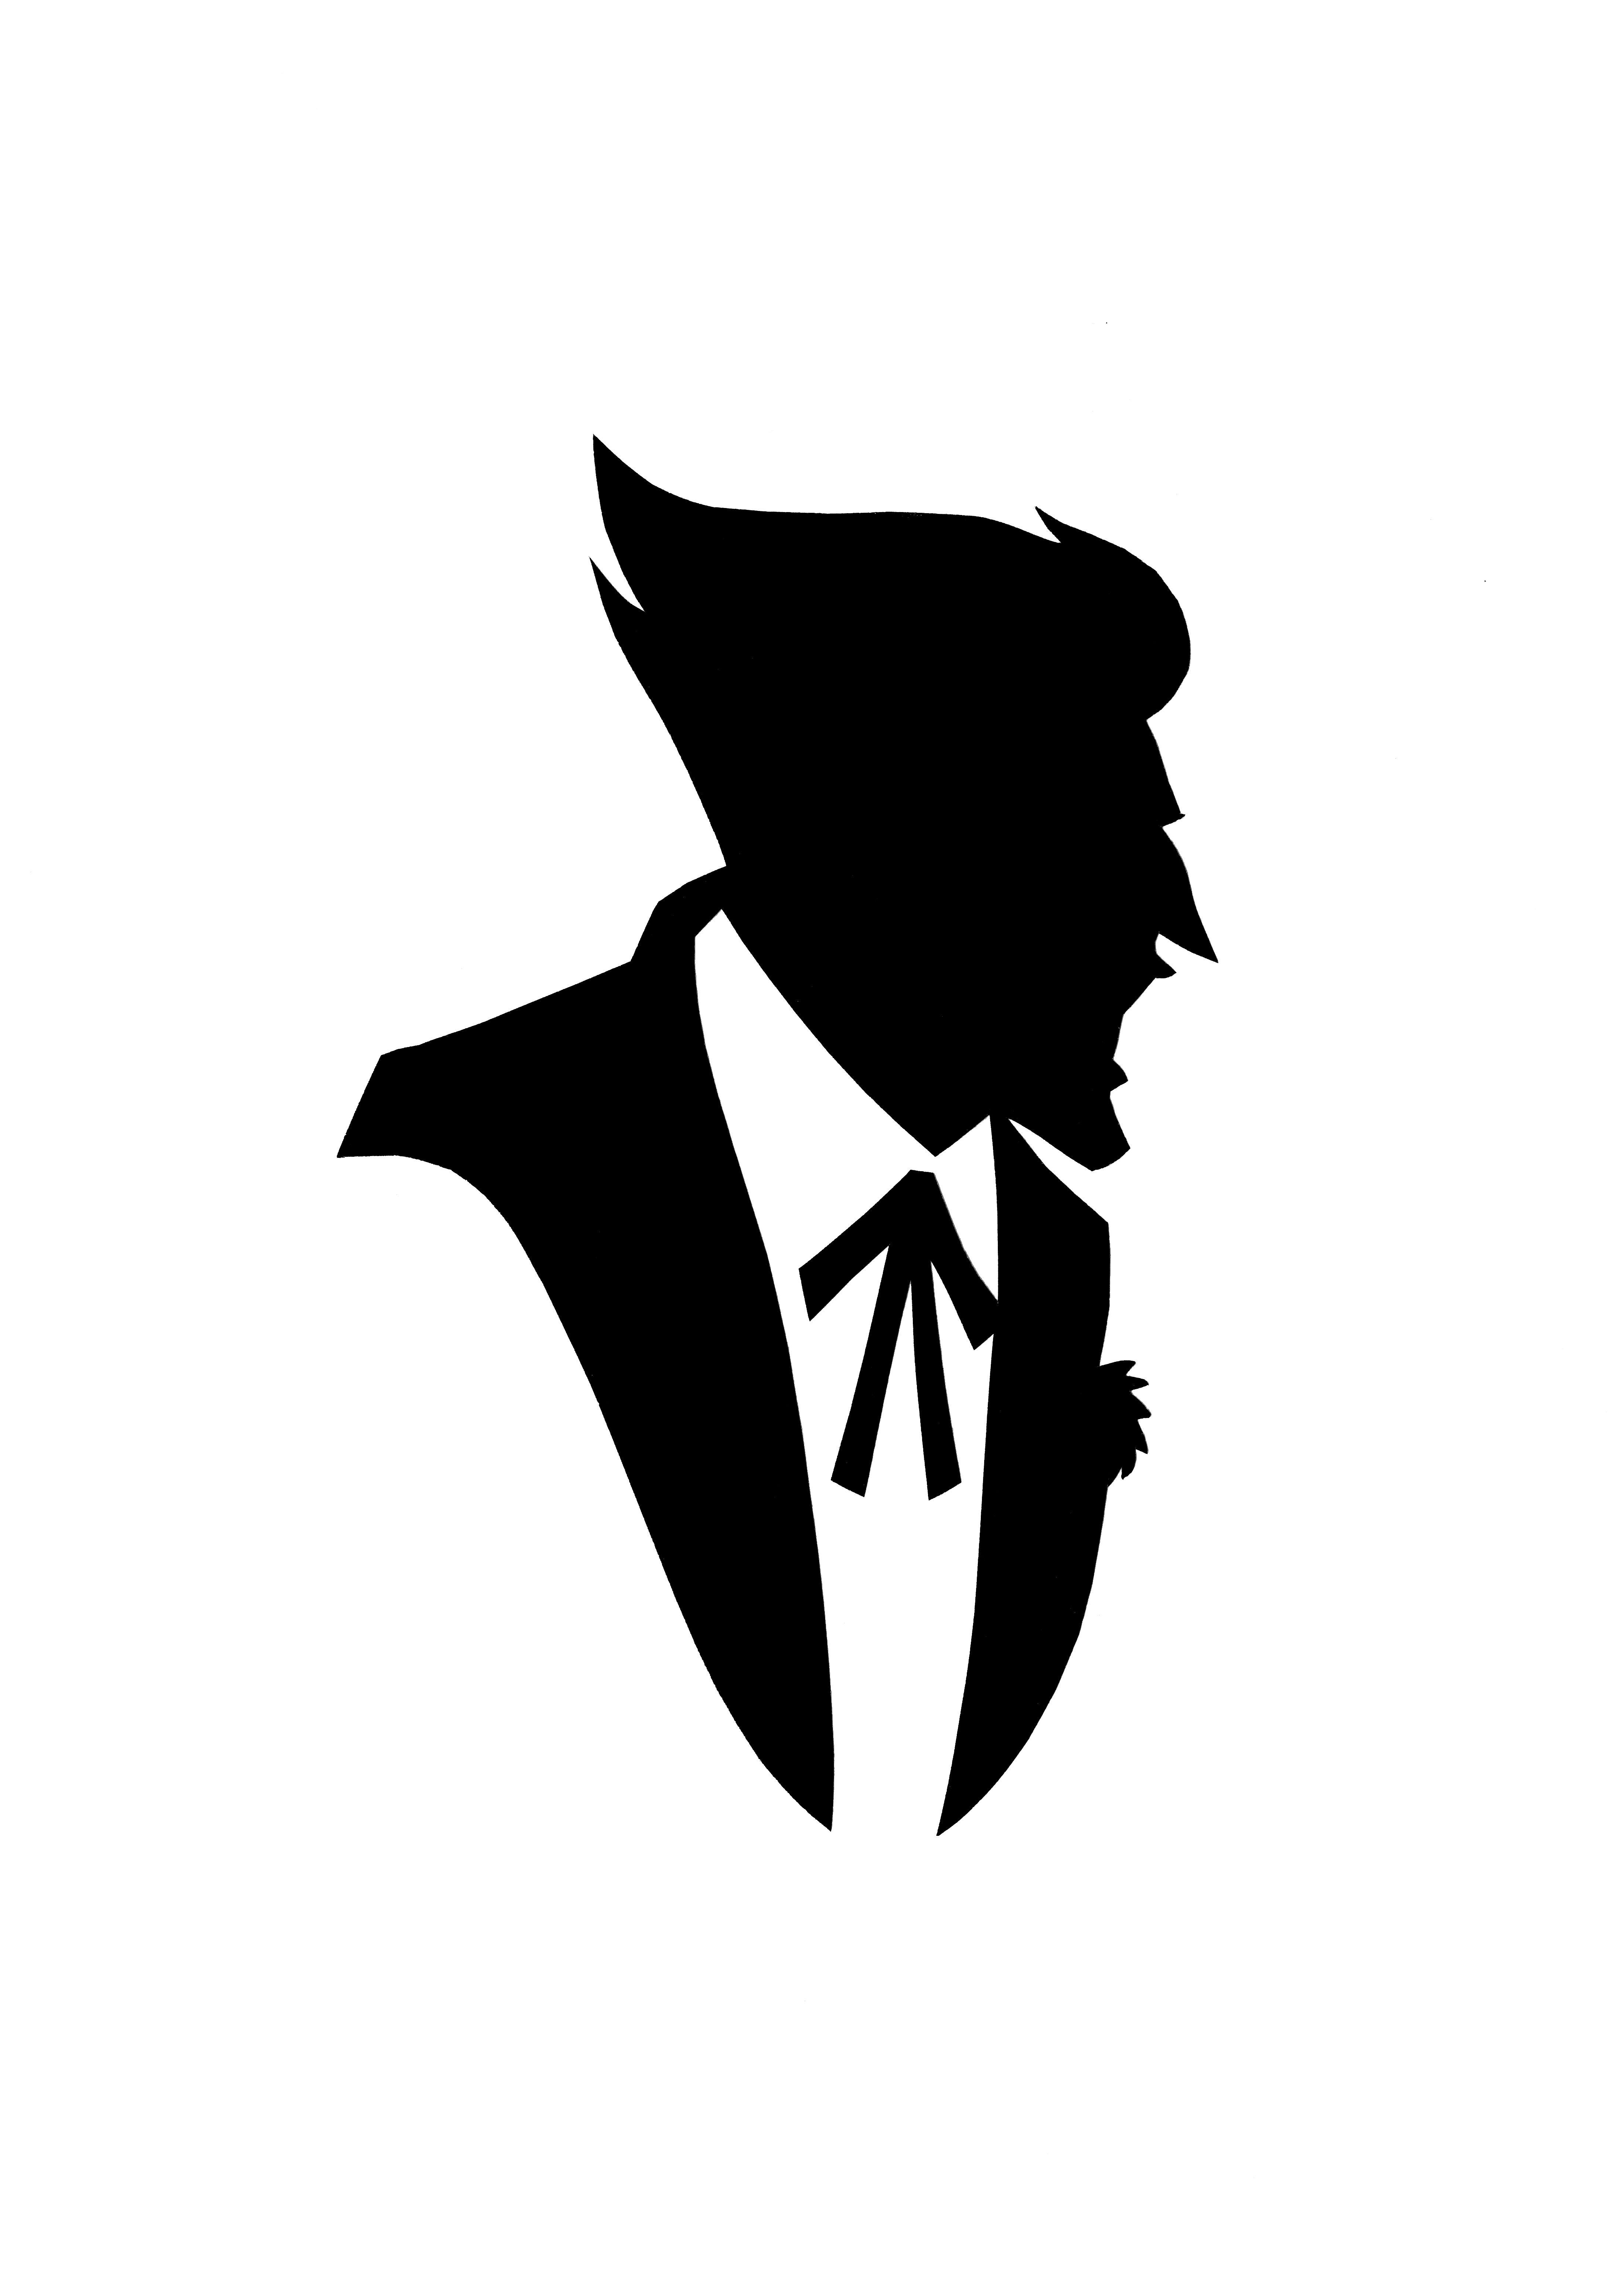 Pin Von Bastian Niemand Auf Poster Joker Art Black